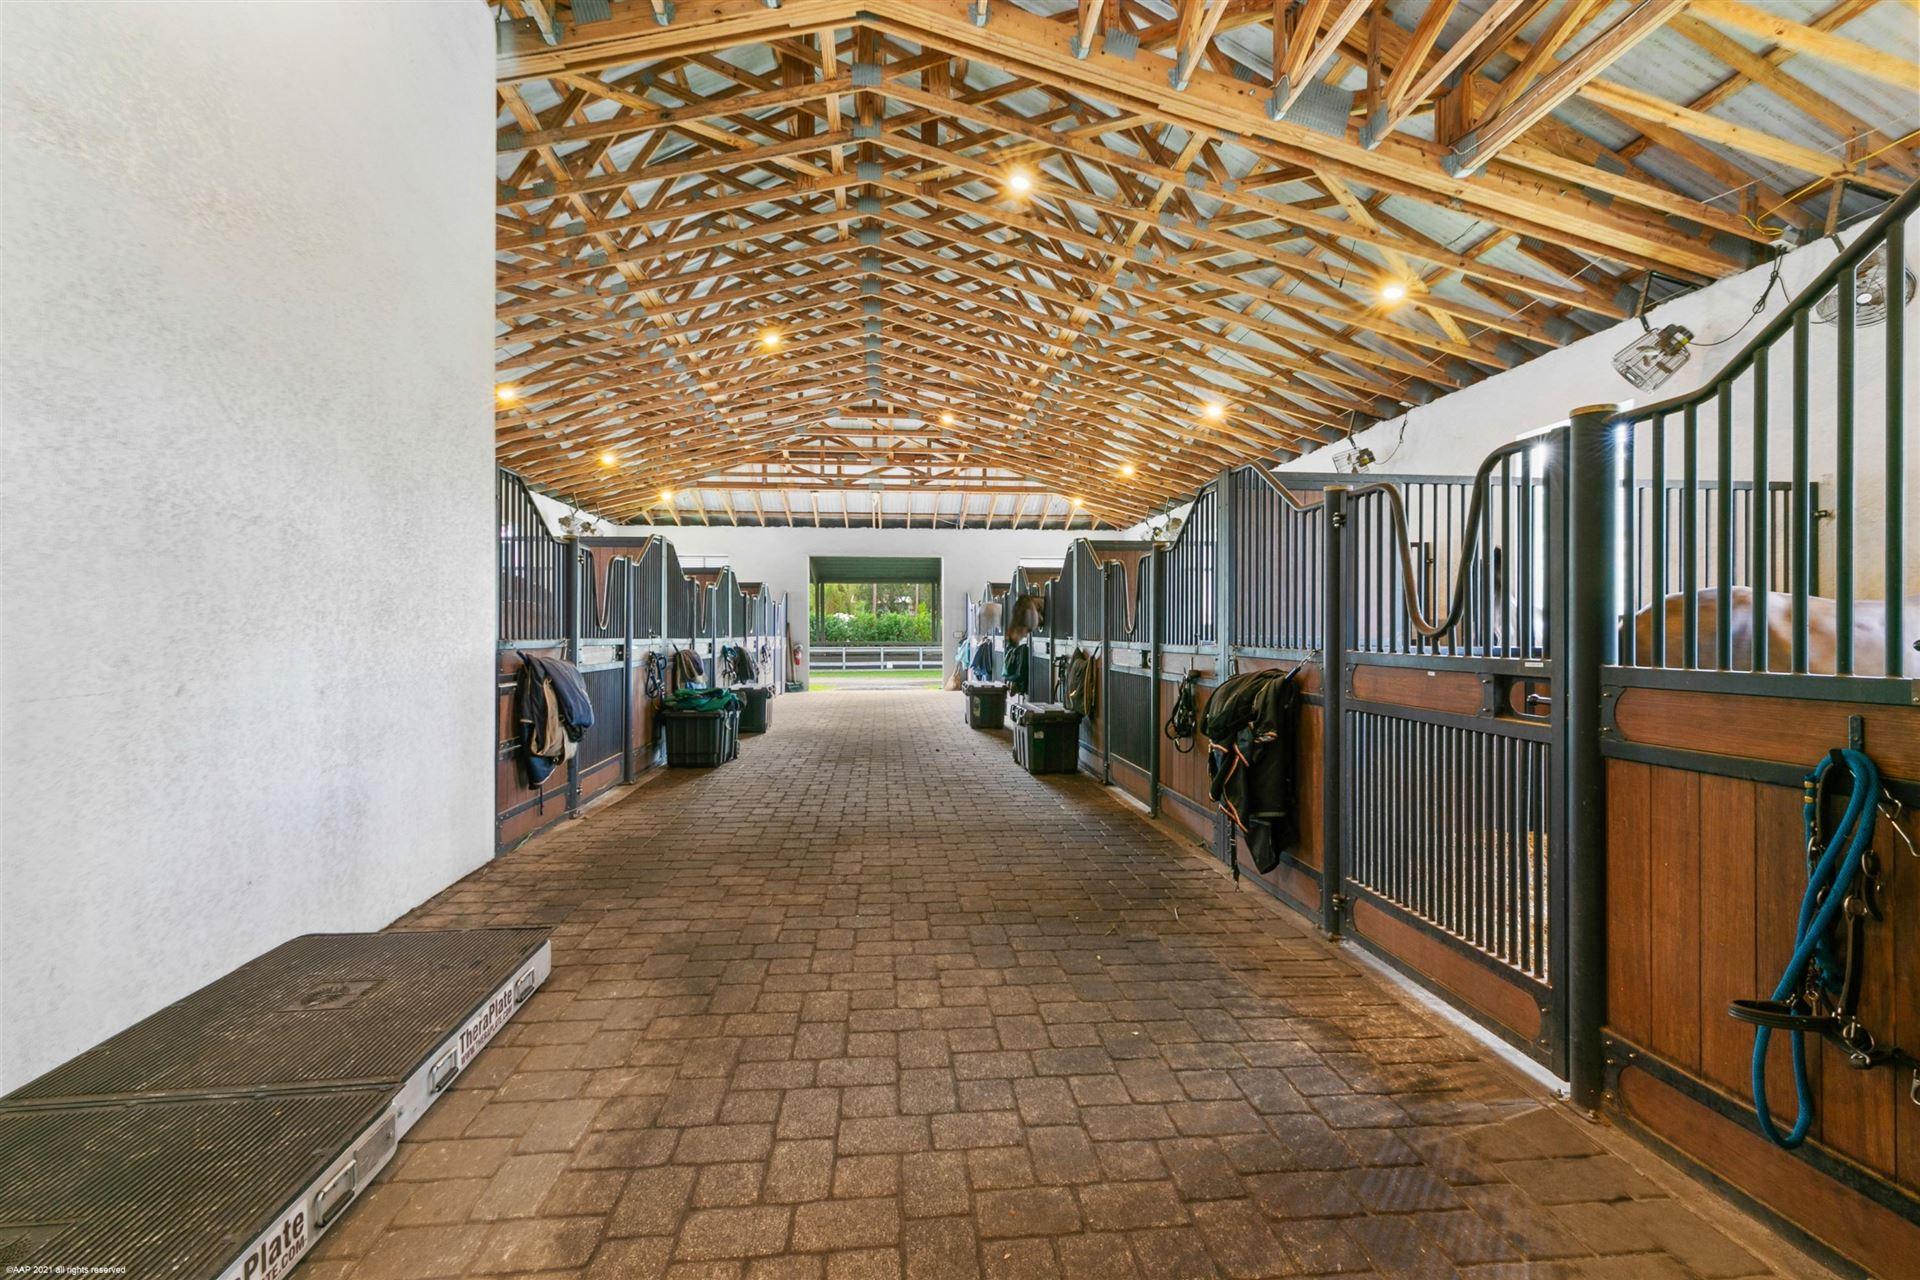 1102 Hyde Park, Loxahatchee Groves, 33470 Photo 1